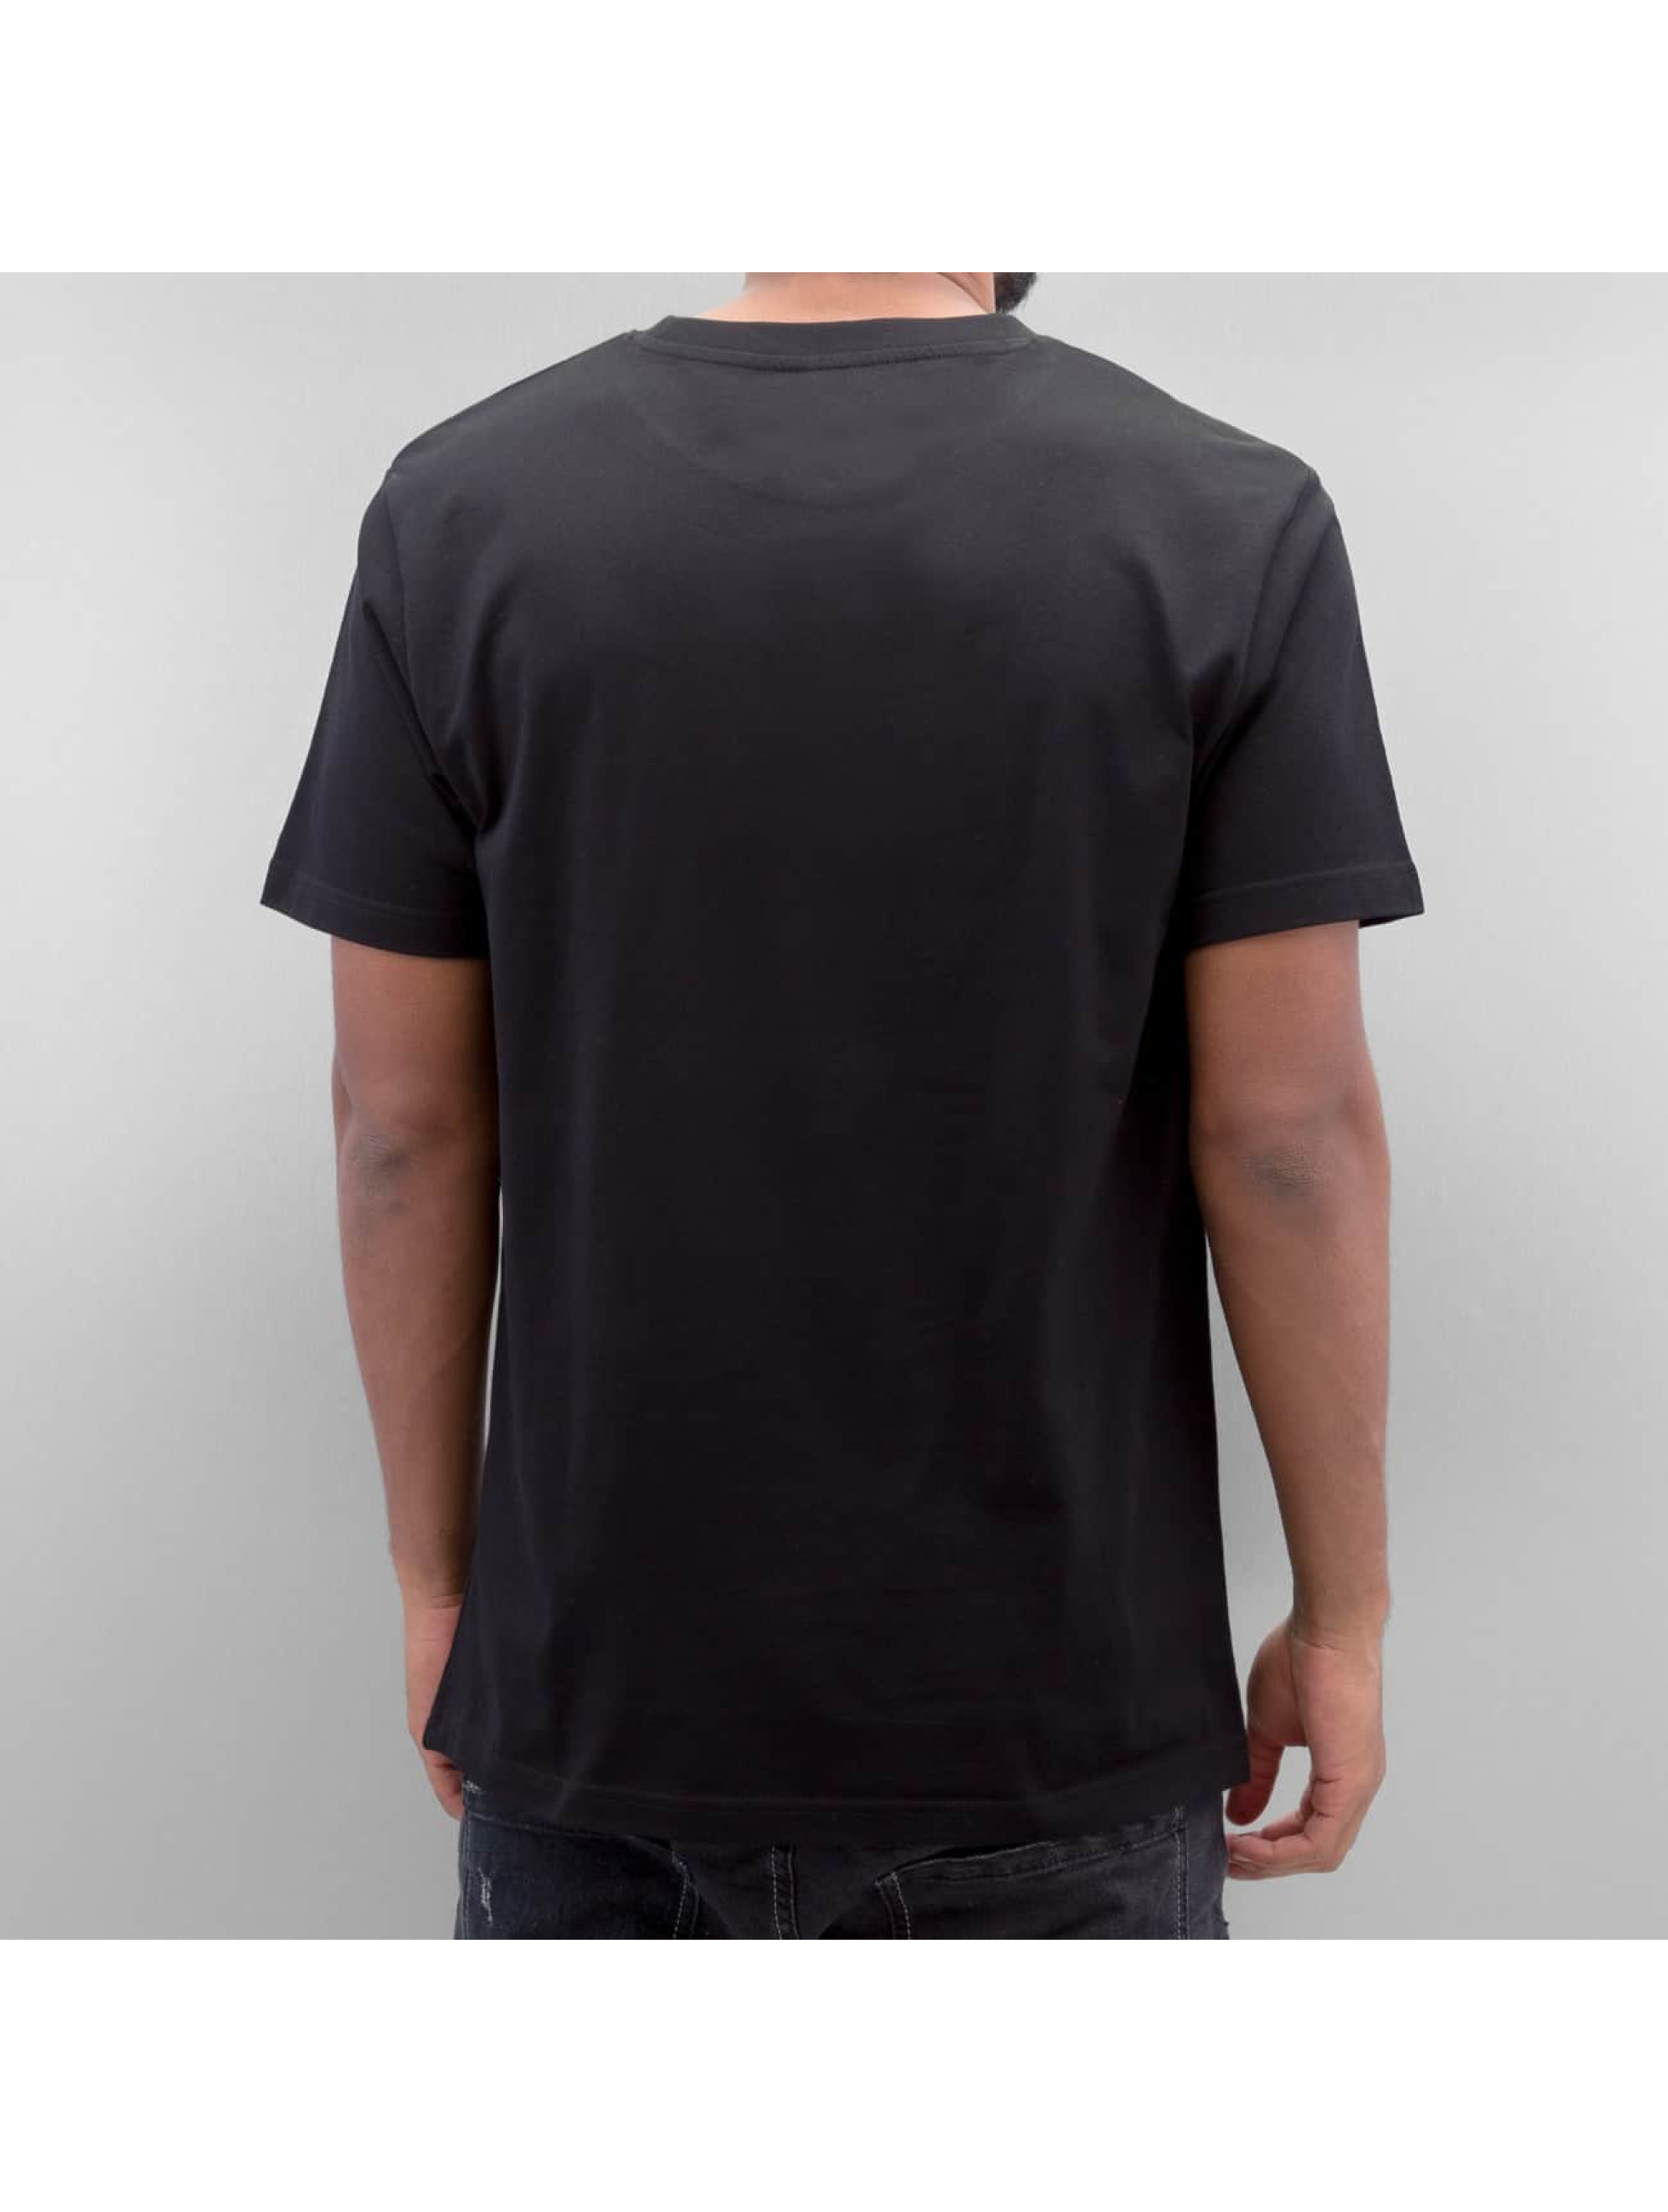 Mister Tee t-shirt BKLYN zwart